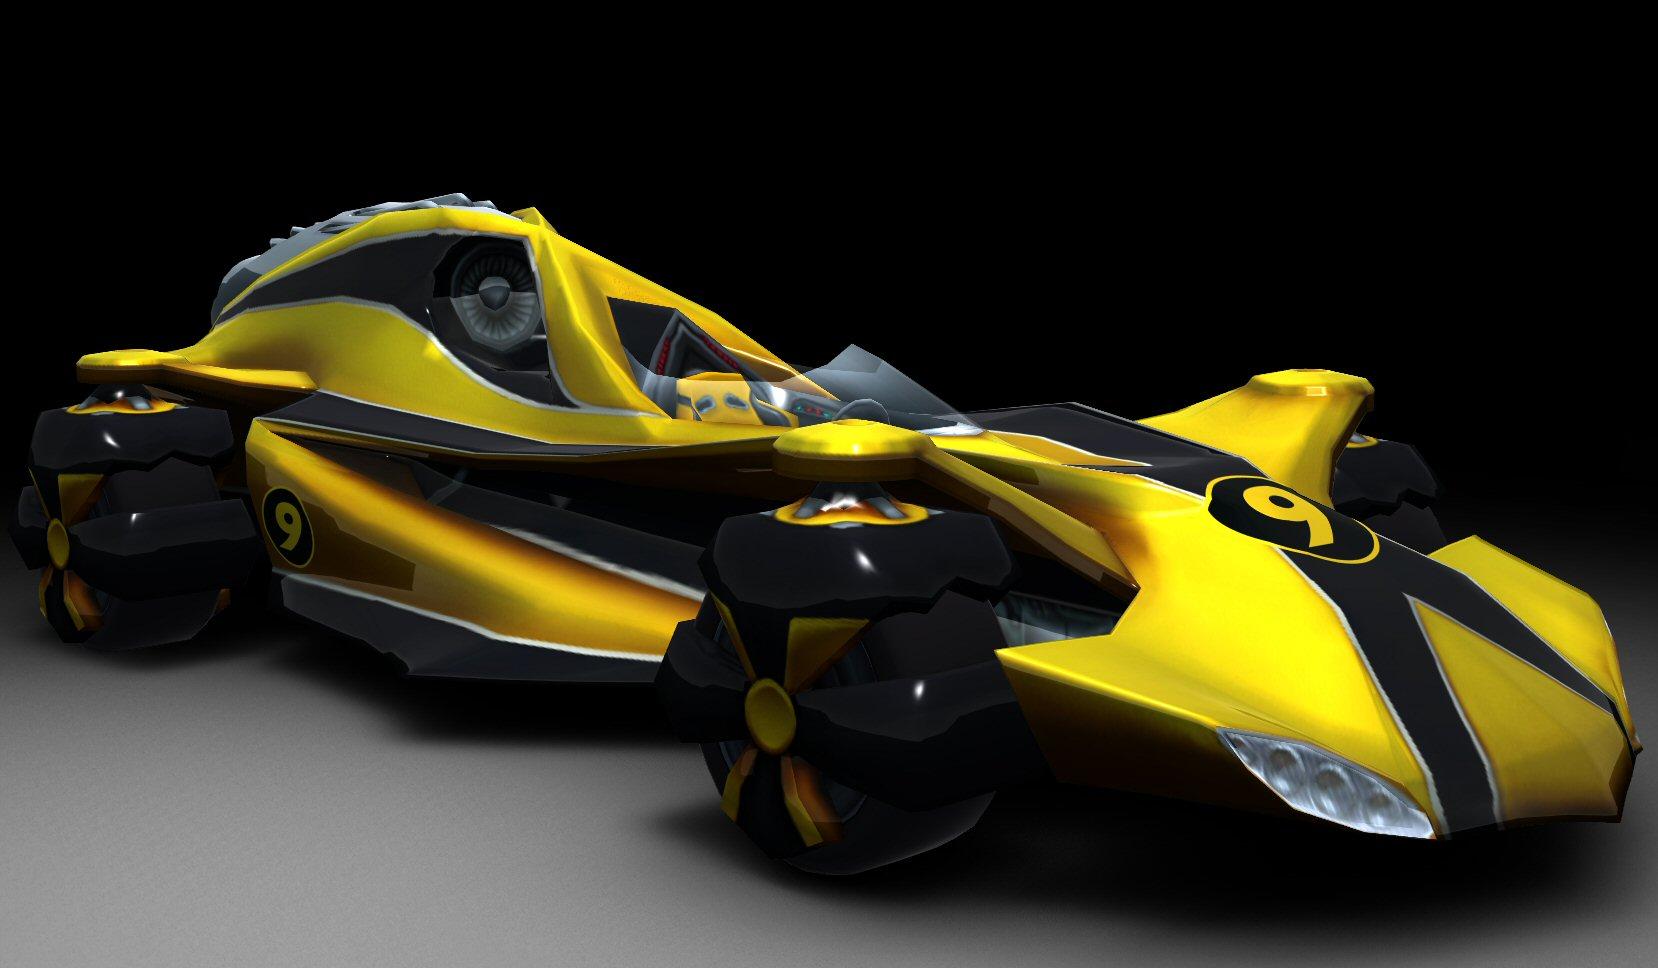 Speed Racer Screens Wii Car Renderings Pure Nintendo